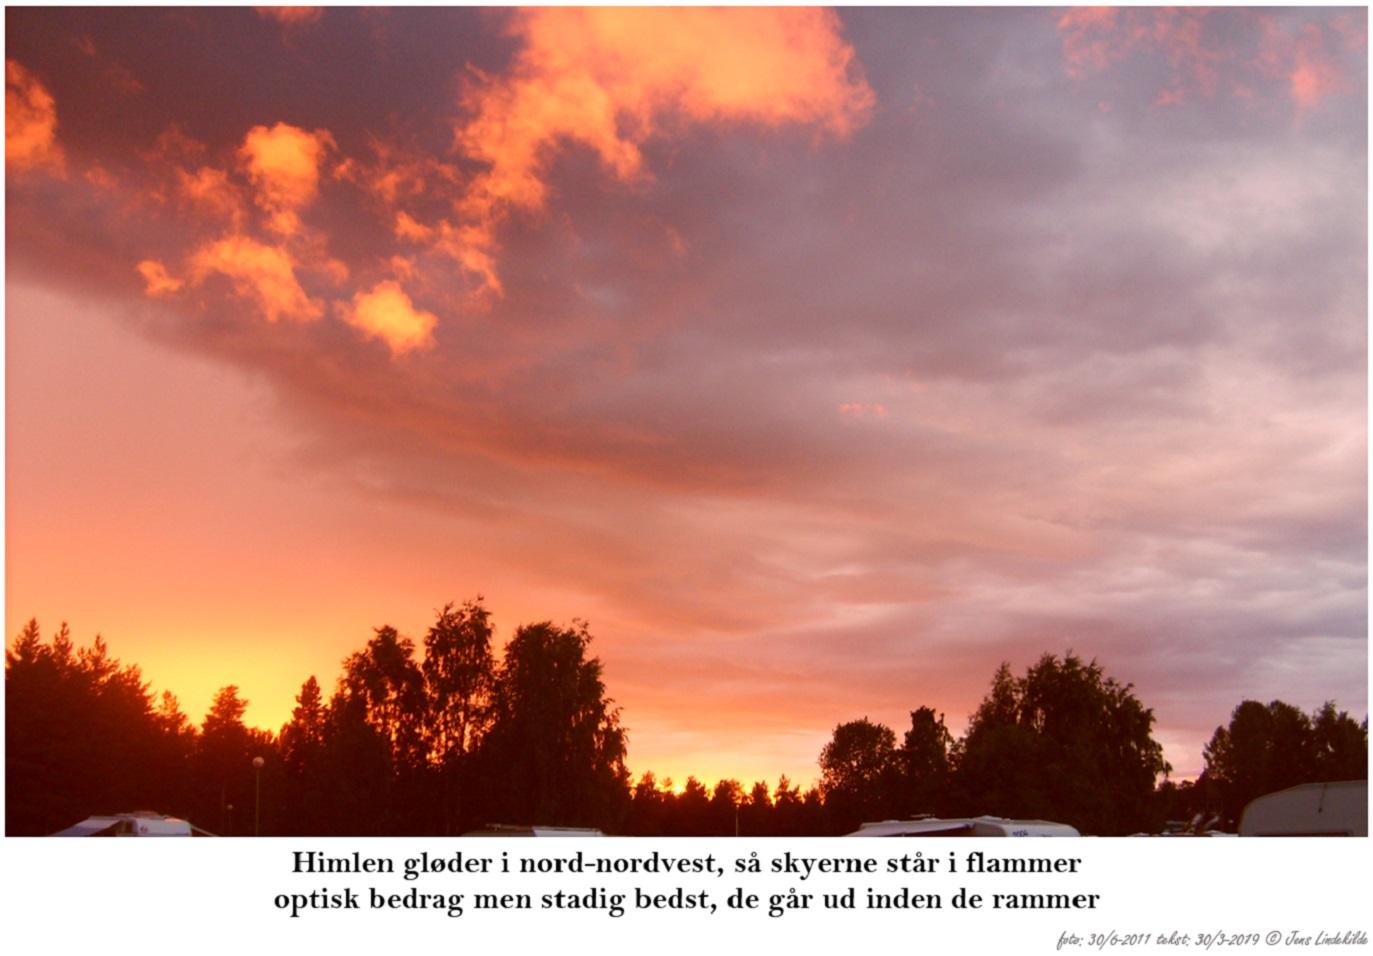 Himlen-gløder-i-nord-nordvest